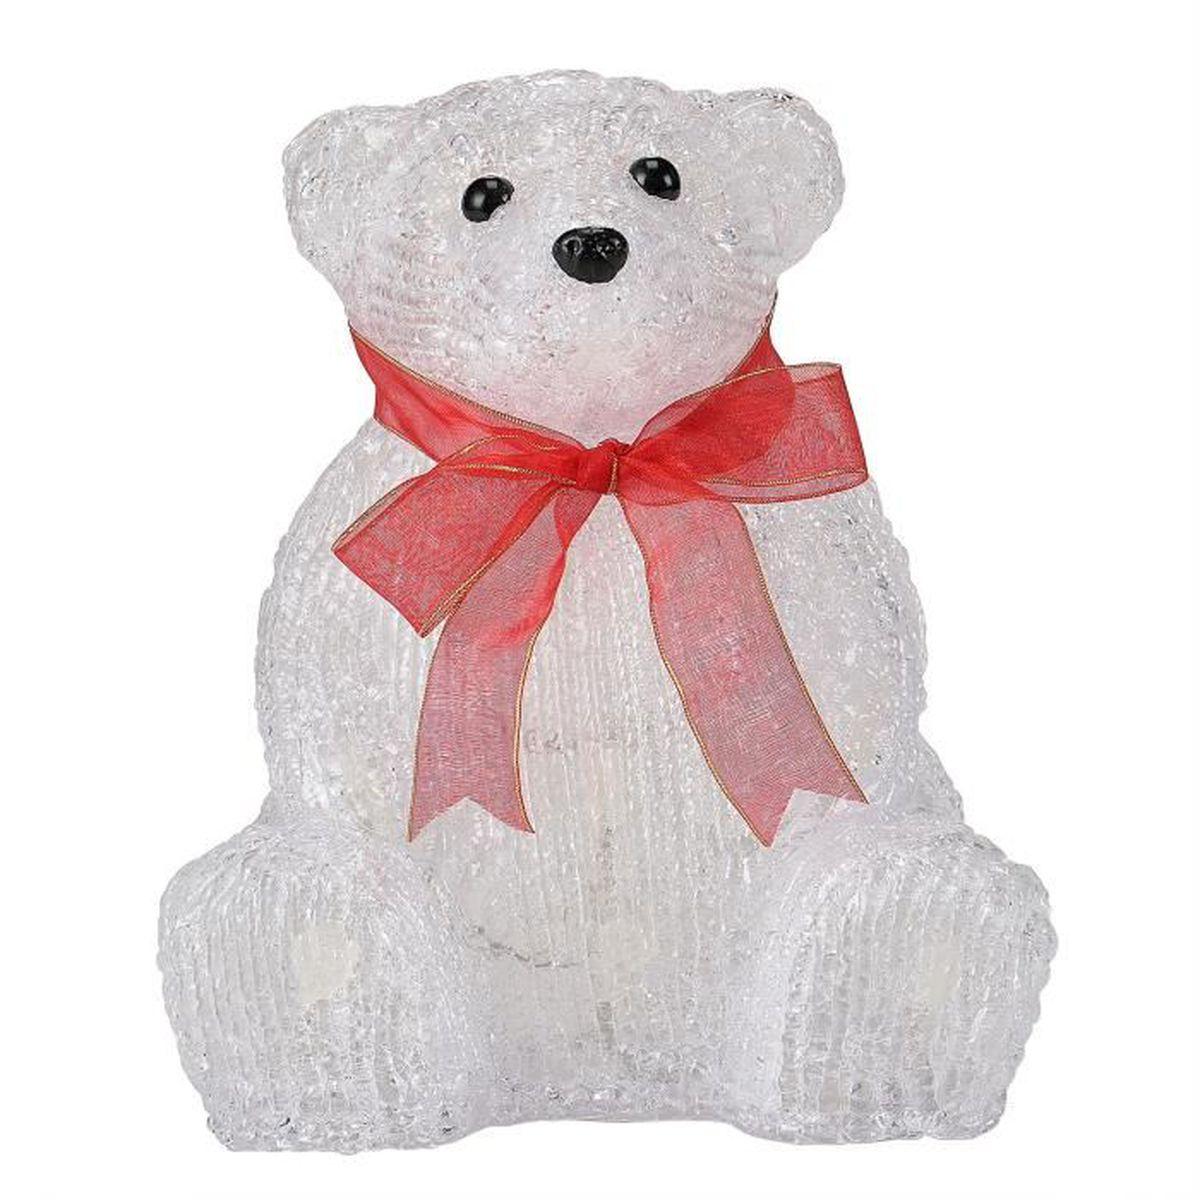 Ours polaire deco de noel achat vente ours polaire for Achat decoration de noel